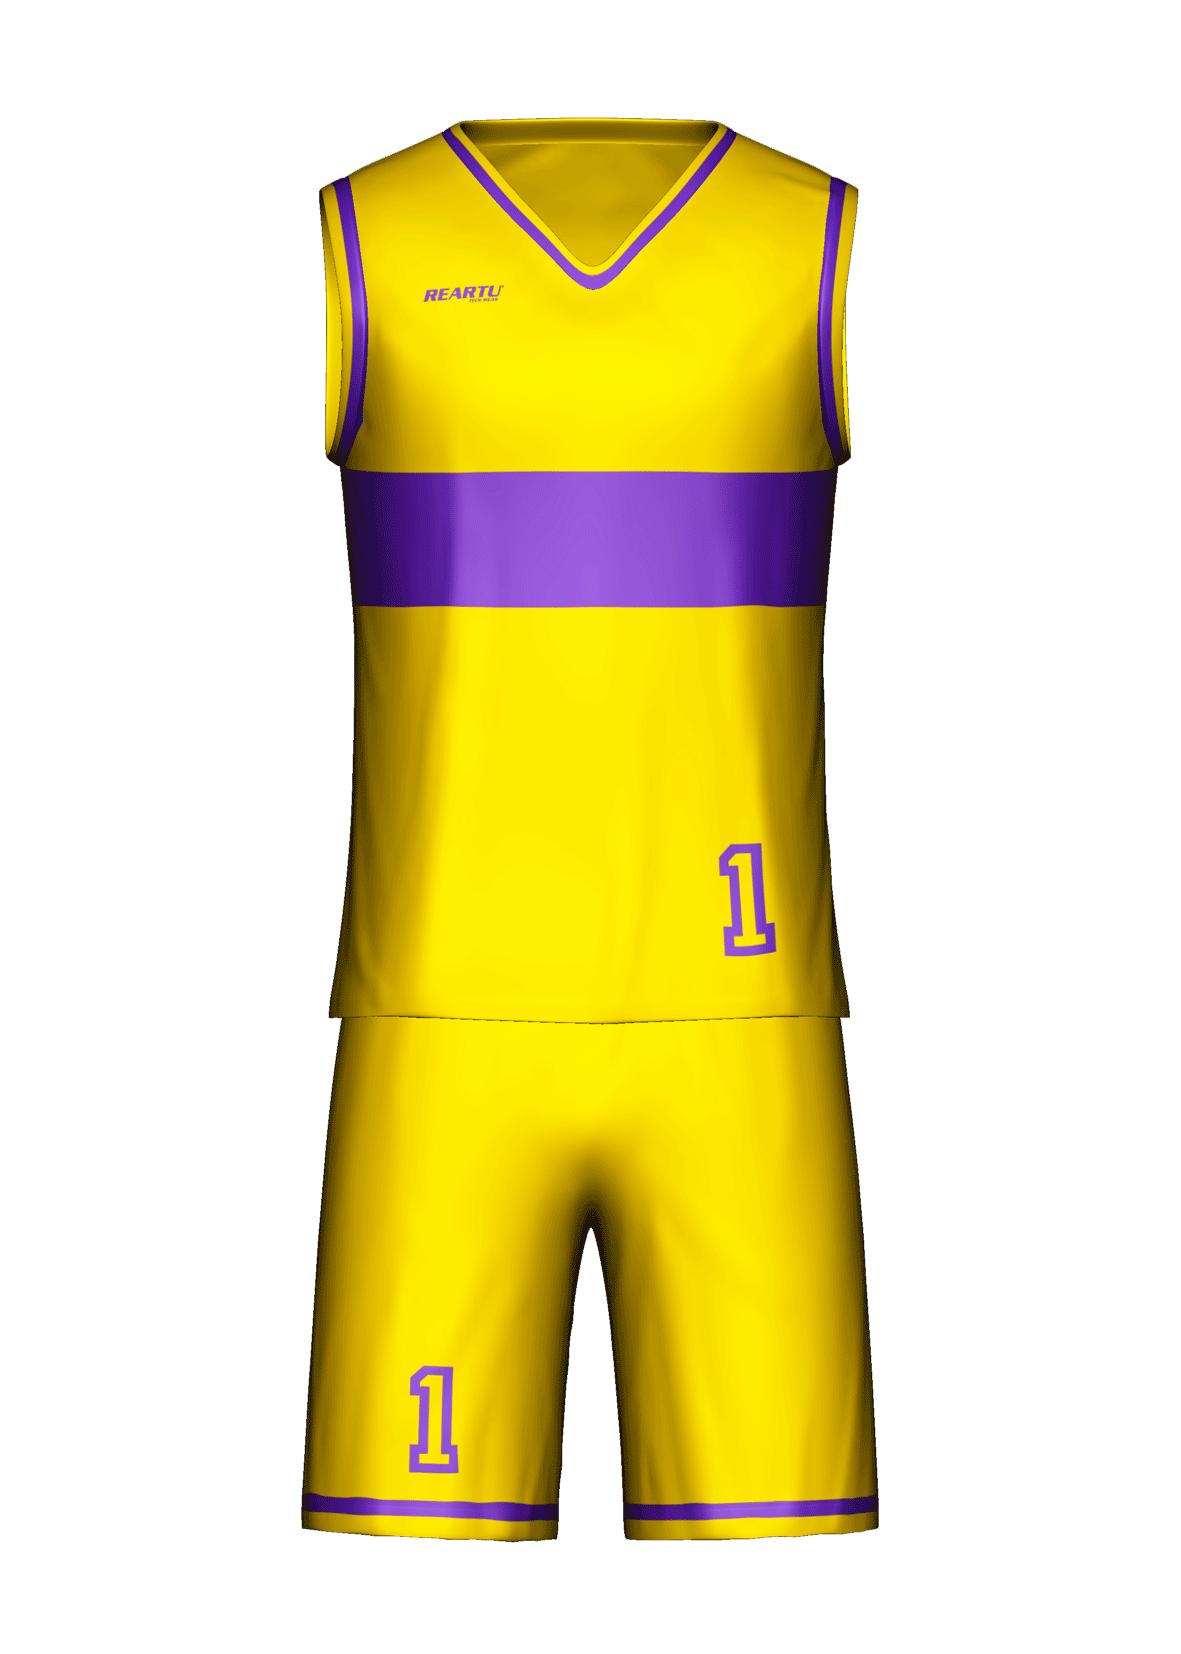 basket-divisa7-ant